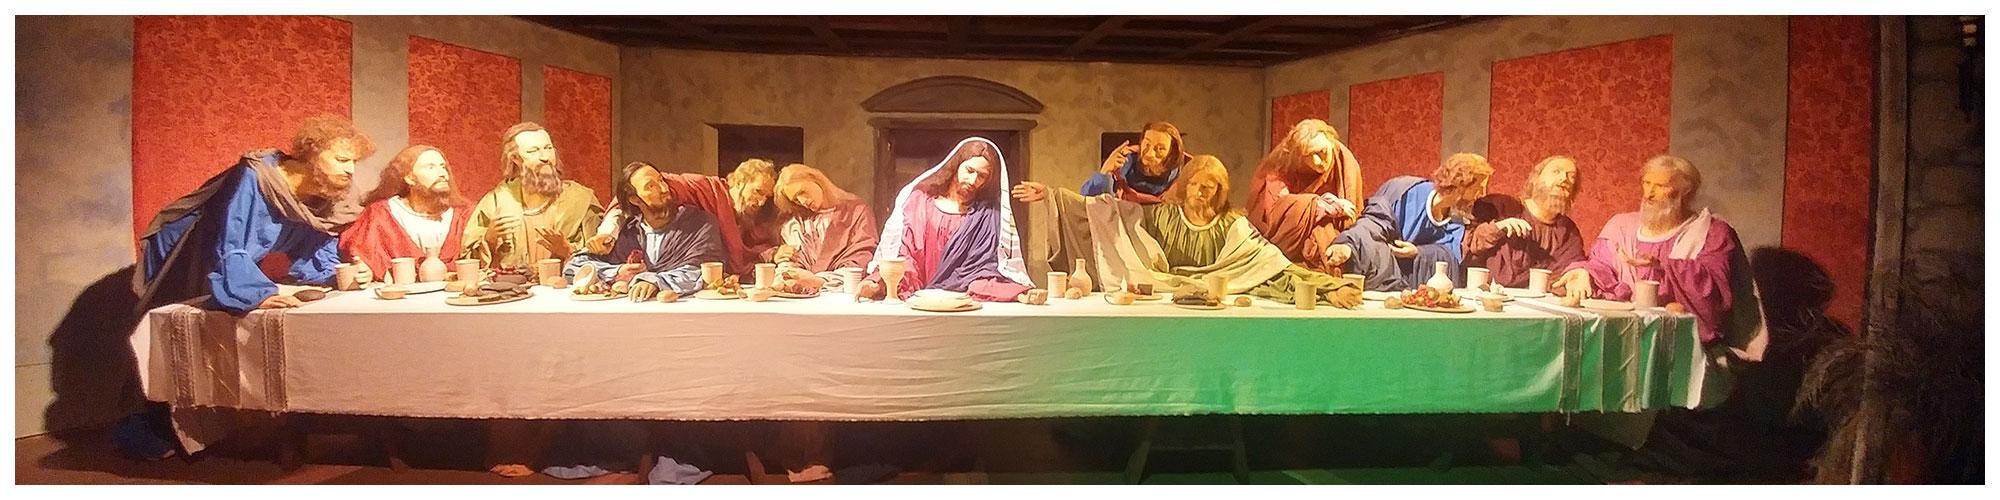 Christ in the Smokies (Header Background) | Gatlinburg Attractions